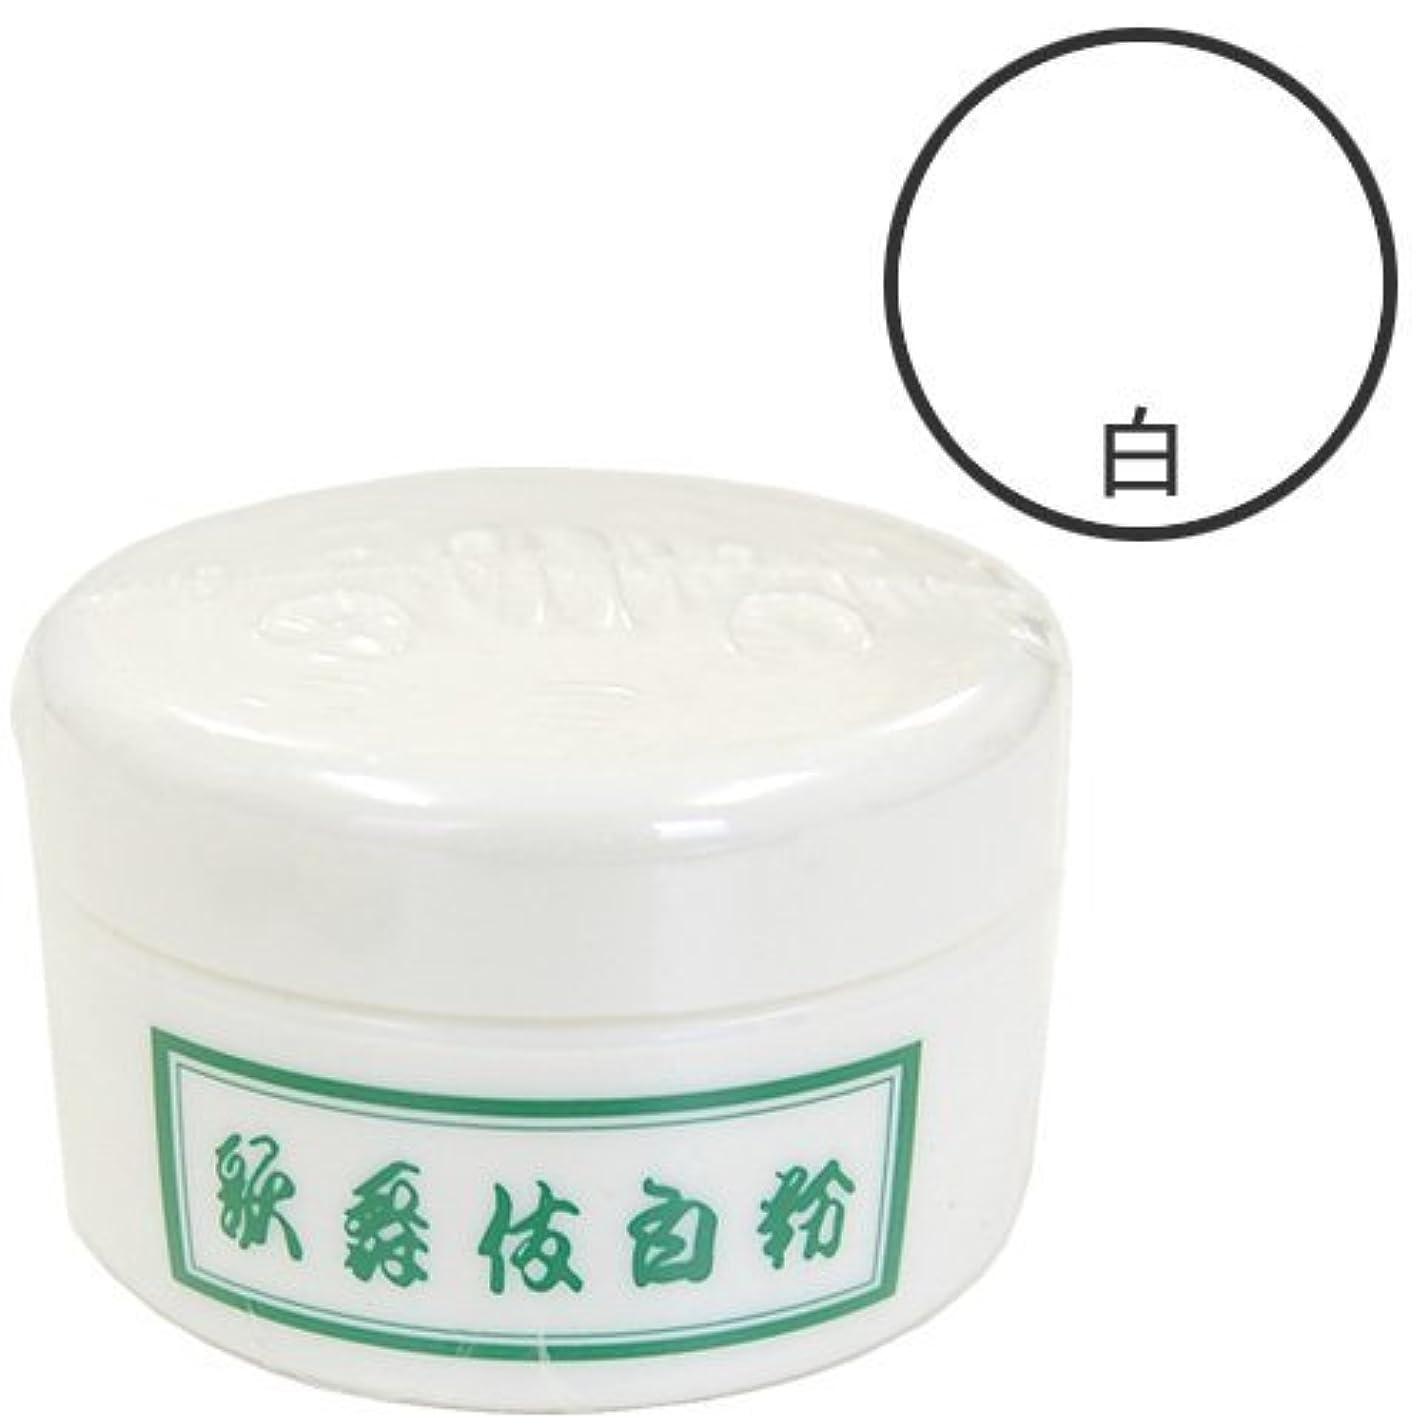 規範負めまい三善 歌舞伎白粉 150g